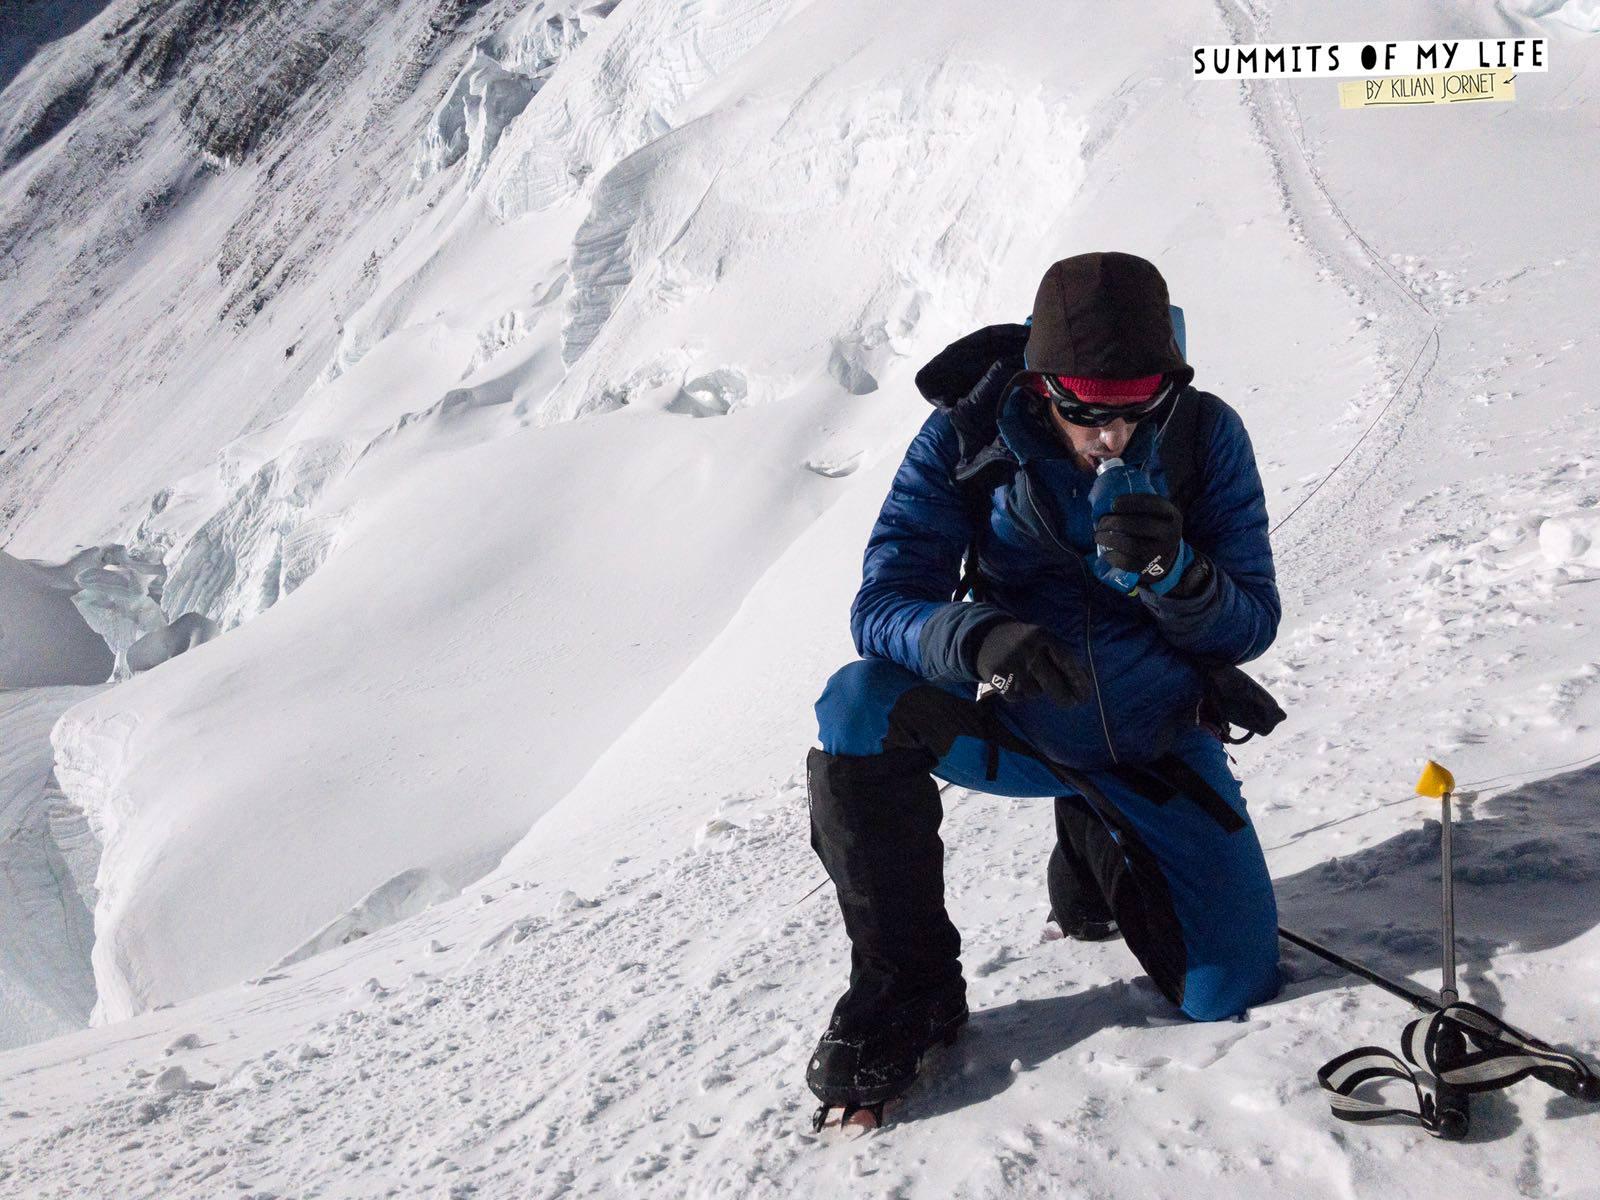 Expresky z hôr 63 - Everest za 26 hodín, zdroj: FB page Kilian Jornet